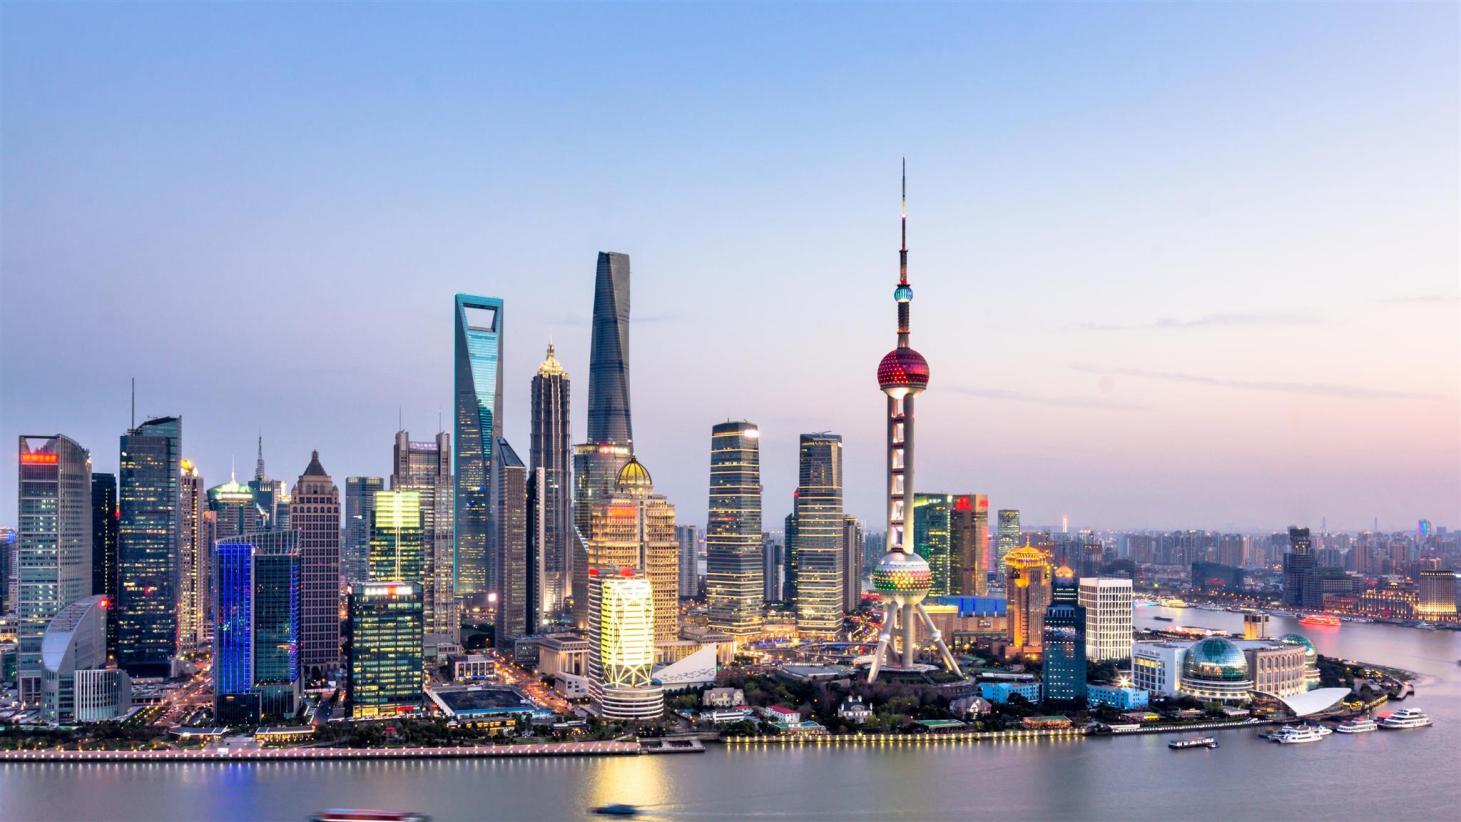 Hình ảnh thành phố Thượng Hải